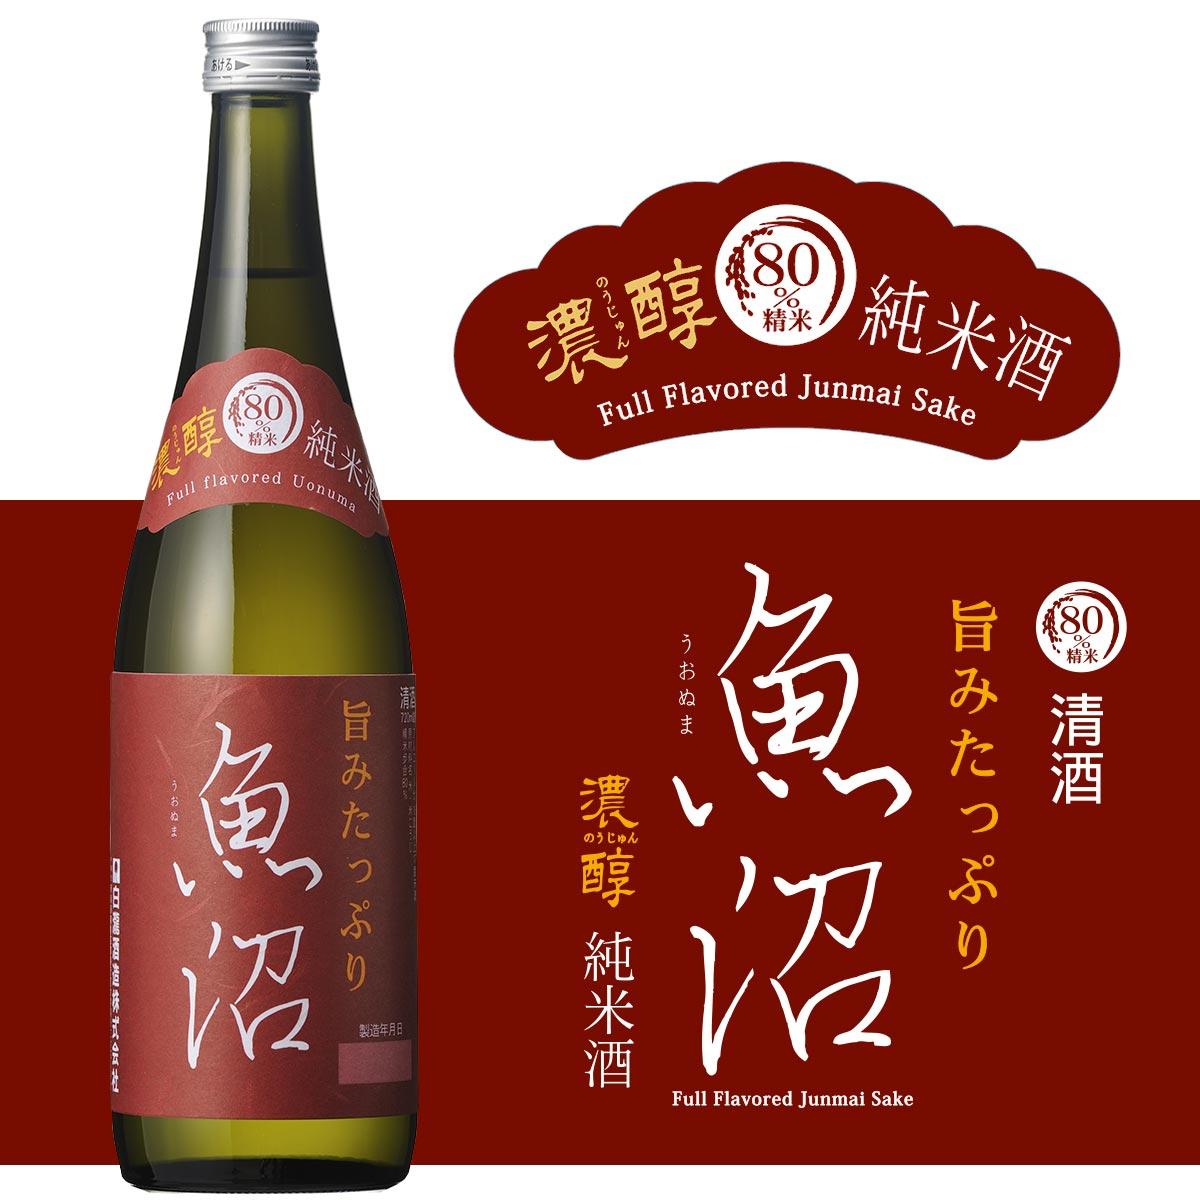 【白瀧酒造】 濃醇魚沼 純米 720ml 日本酒 純米酒 ギフト 新潟